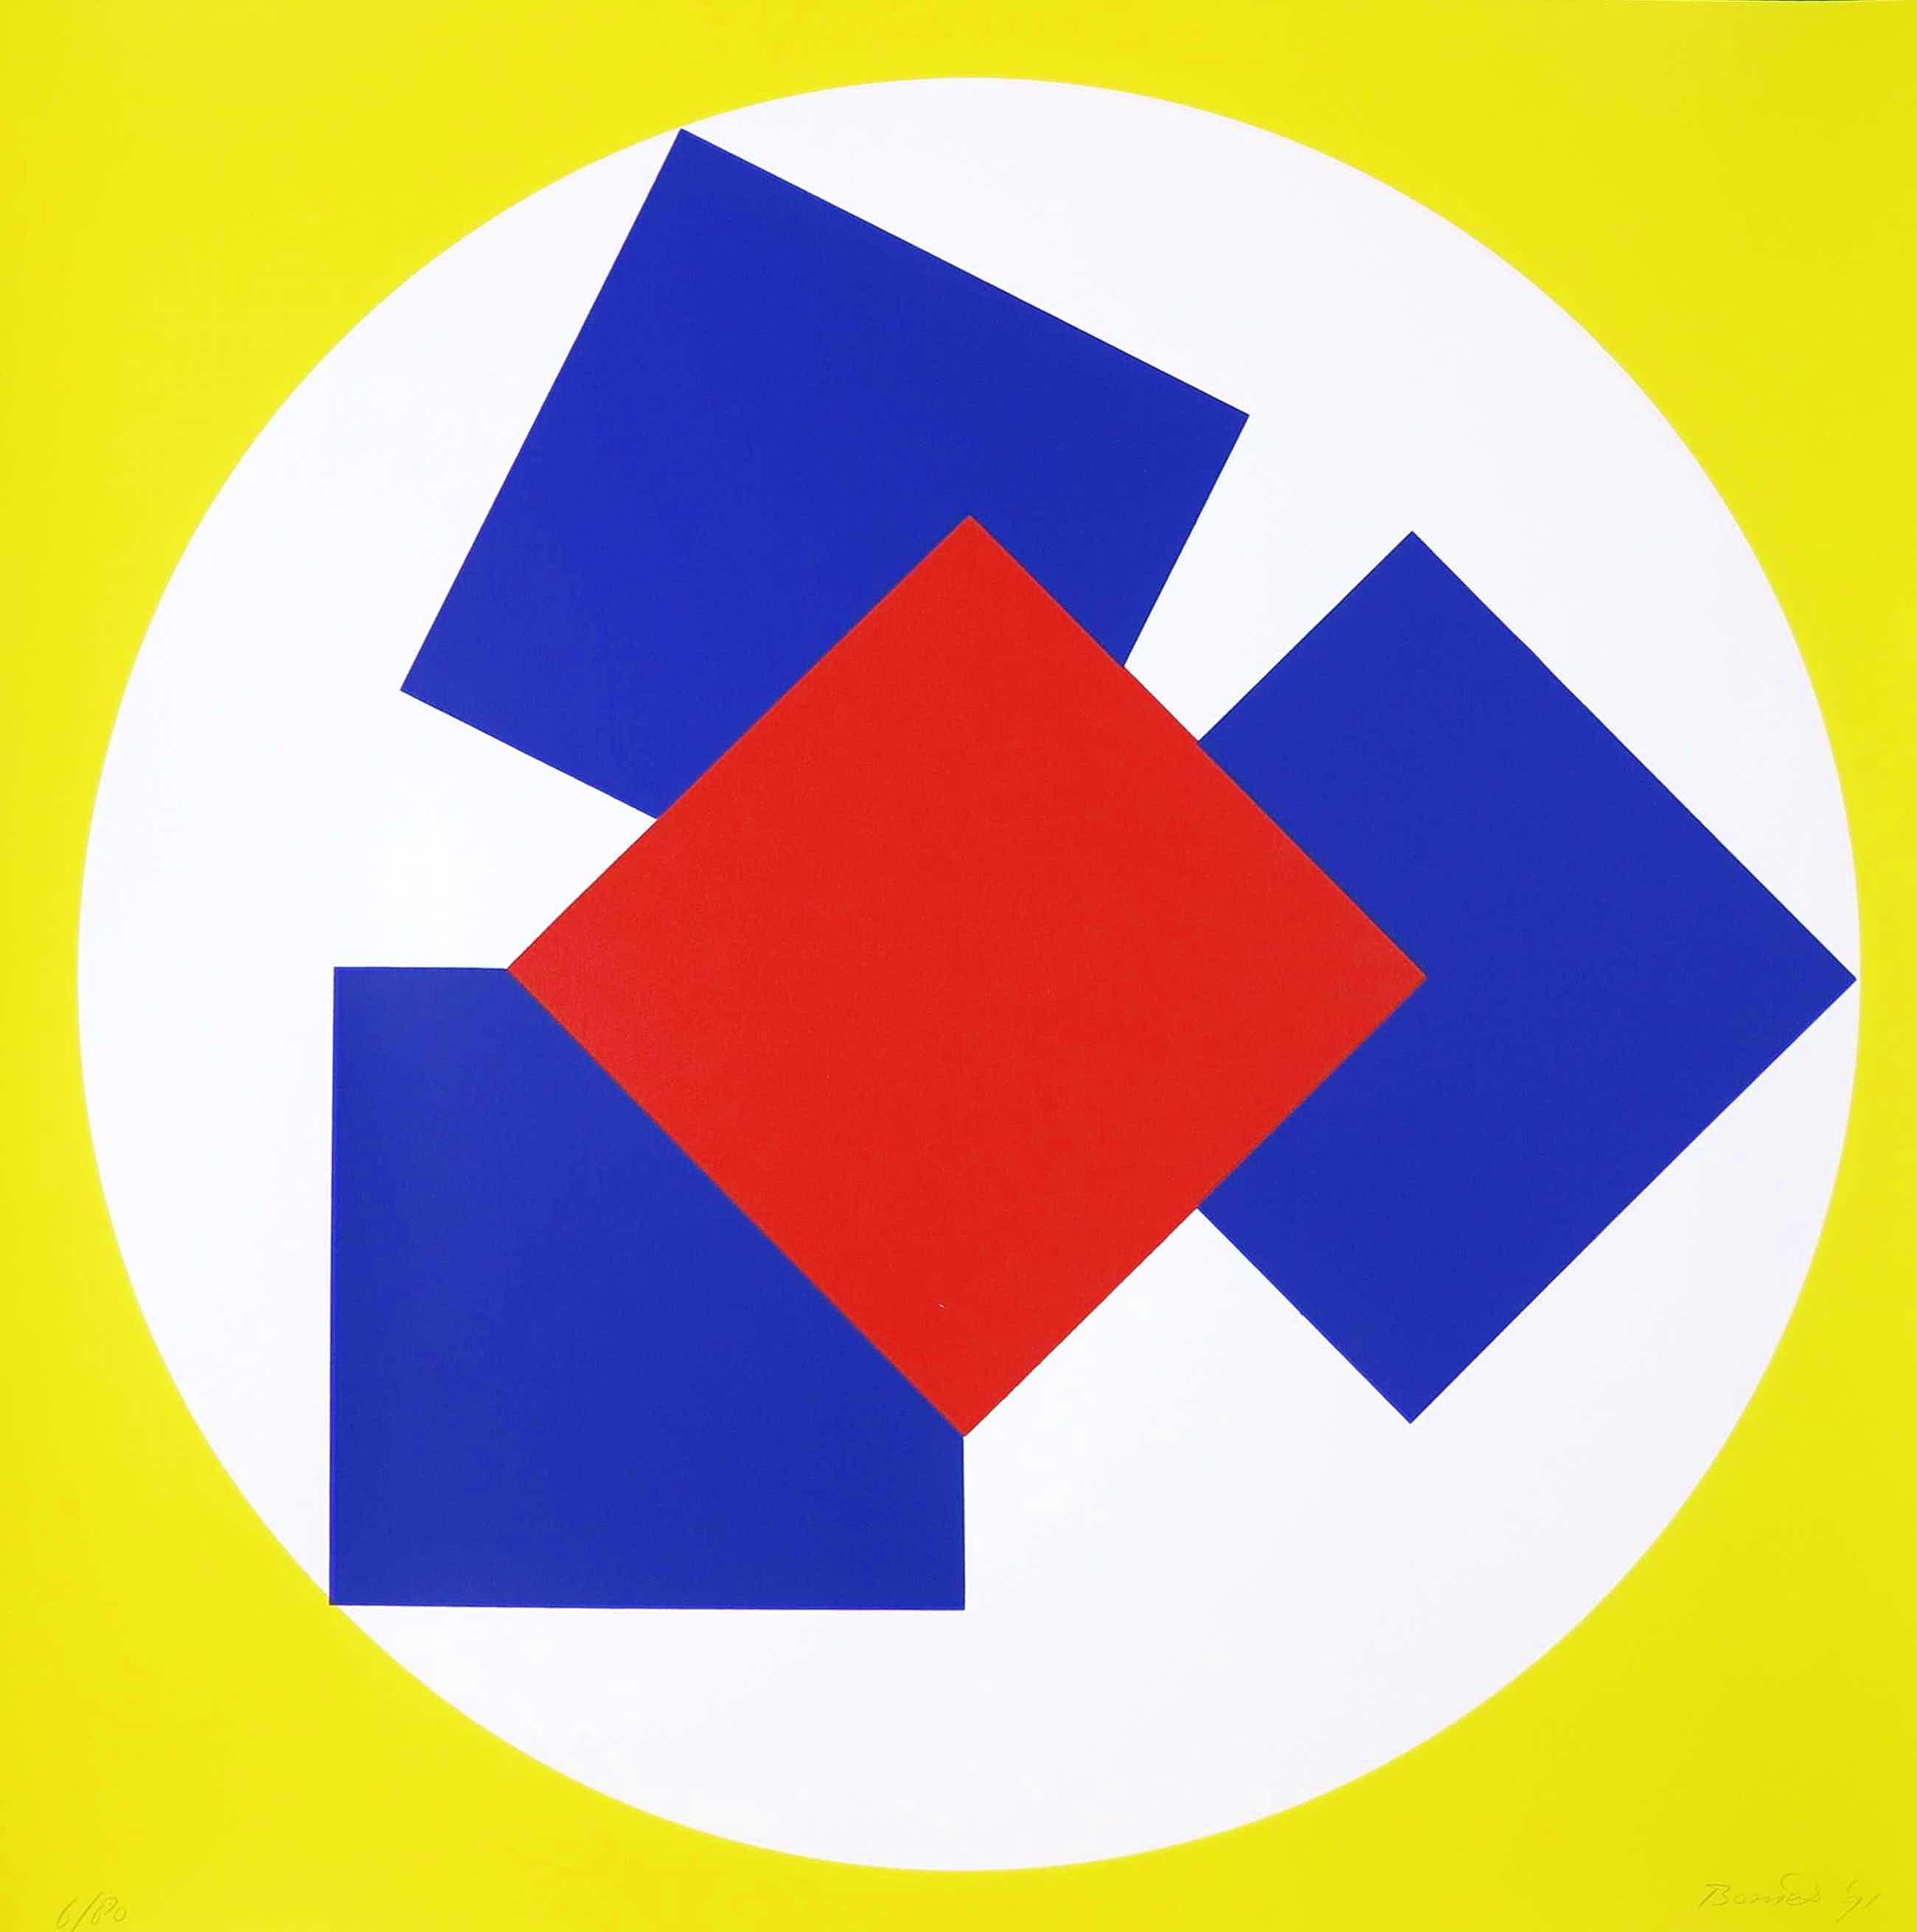 Bob Bonies - Zeefdruk, Geometrische compositie kopen? Bied vanaf 62!